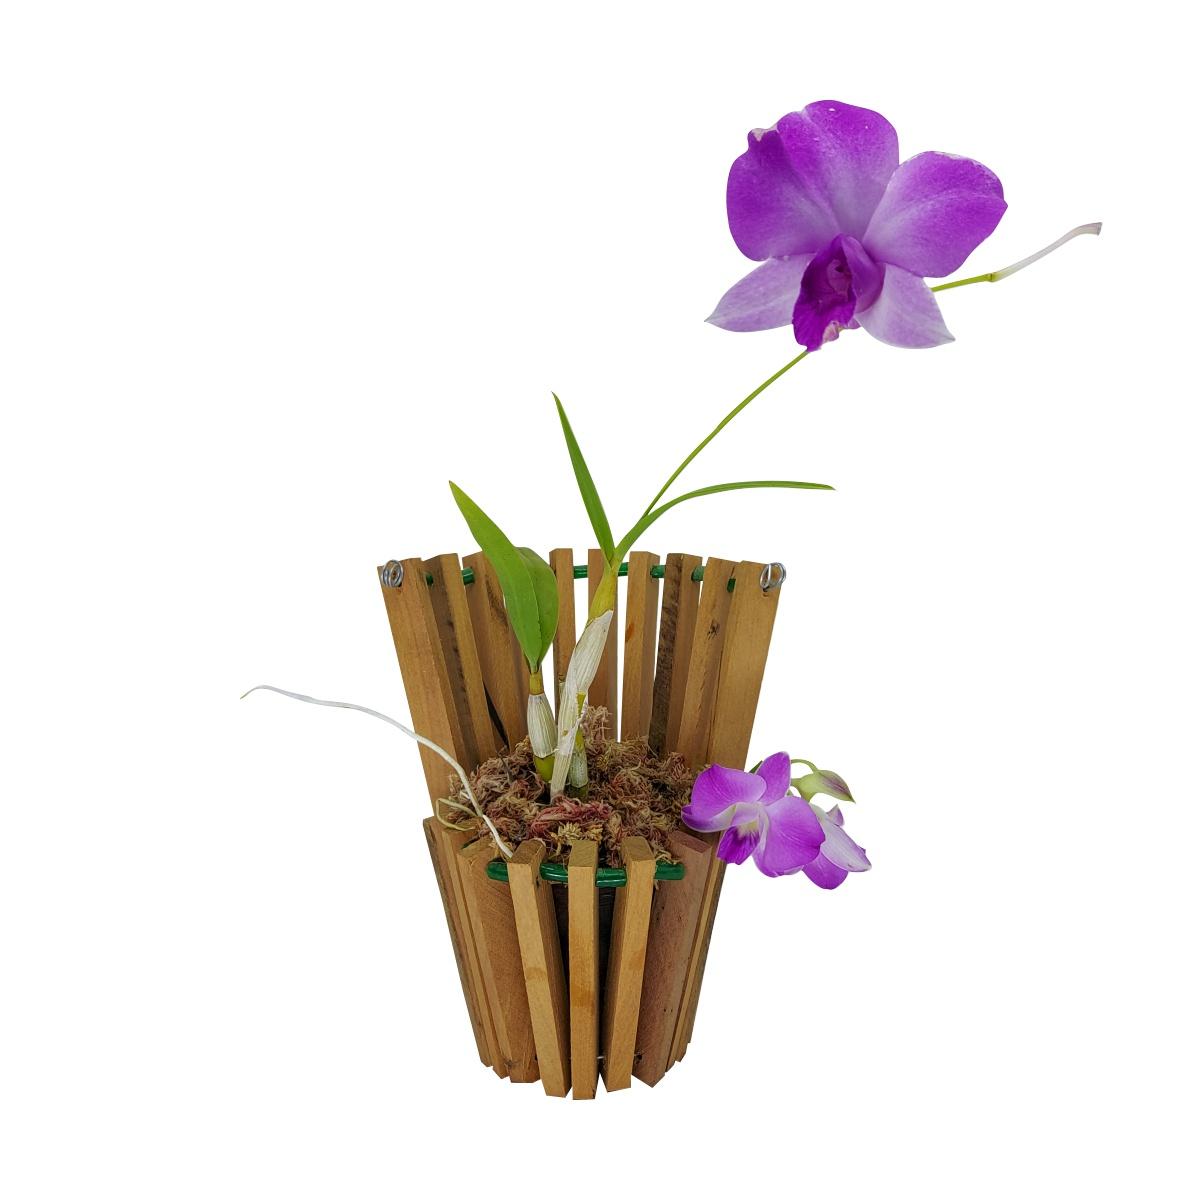 Cachepô para Orquídea Modelo Leque Fechado 15cm x 9,5cm em Madeira de Demolição